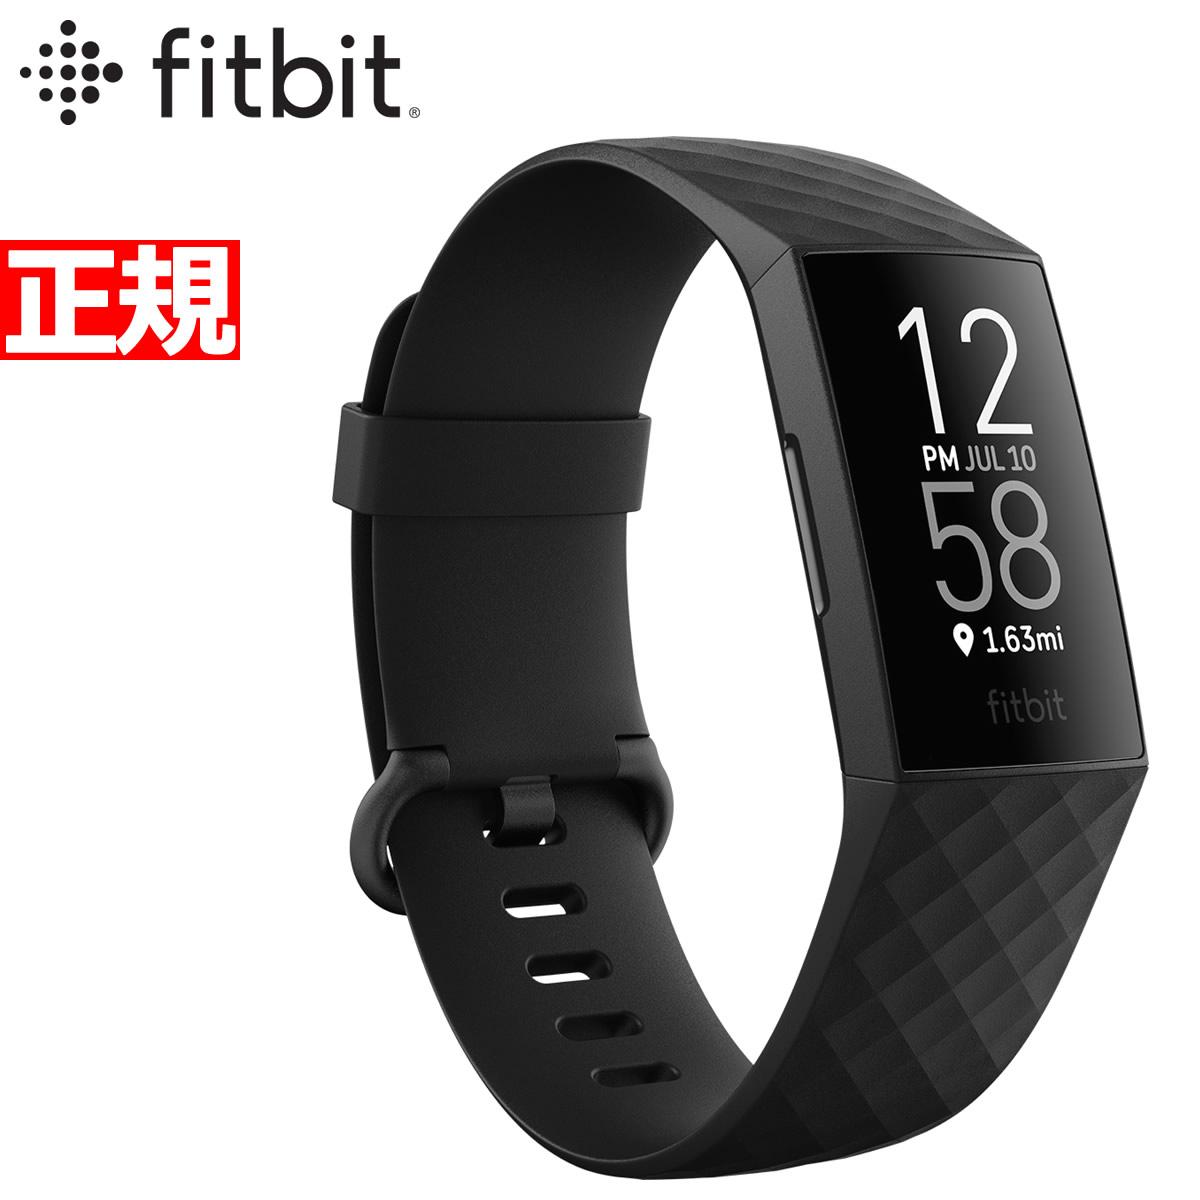 Fitbit フィットビット Charge3 チャージ3 フィットネス トラッカー ウェアラブル端末 腕時計 メンズ レディース Black/Graphite FB410GMBK-CJK